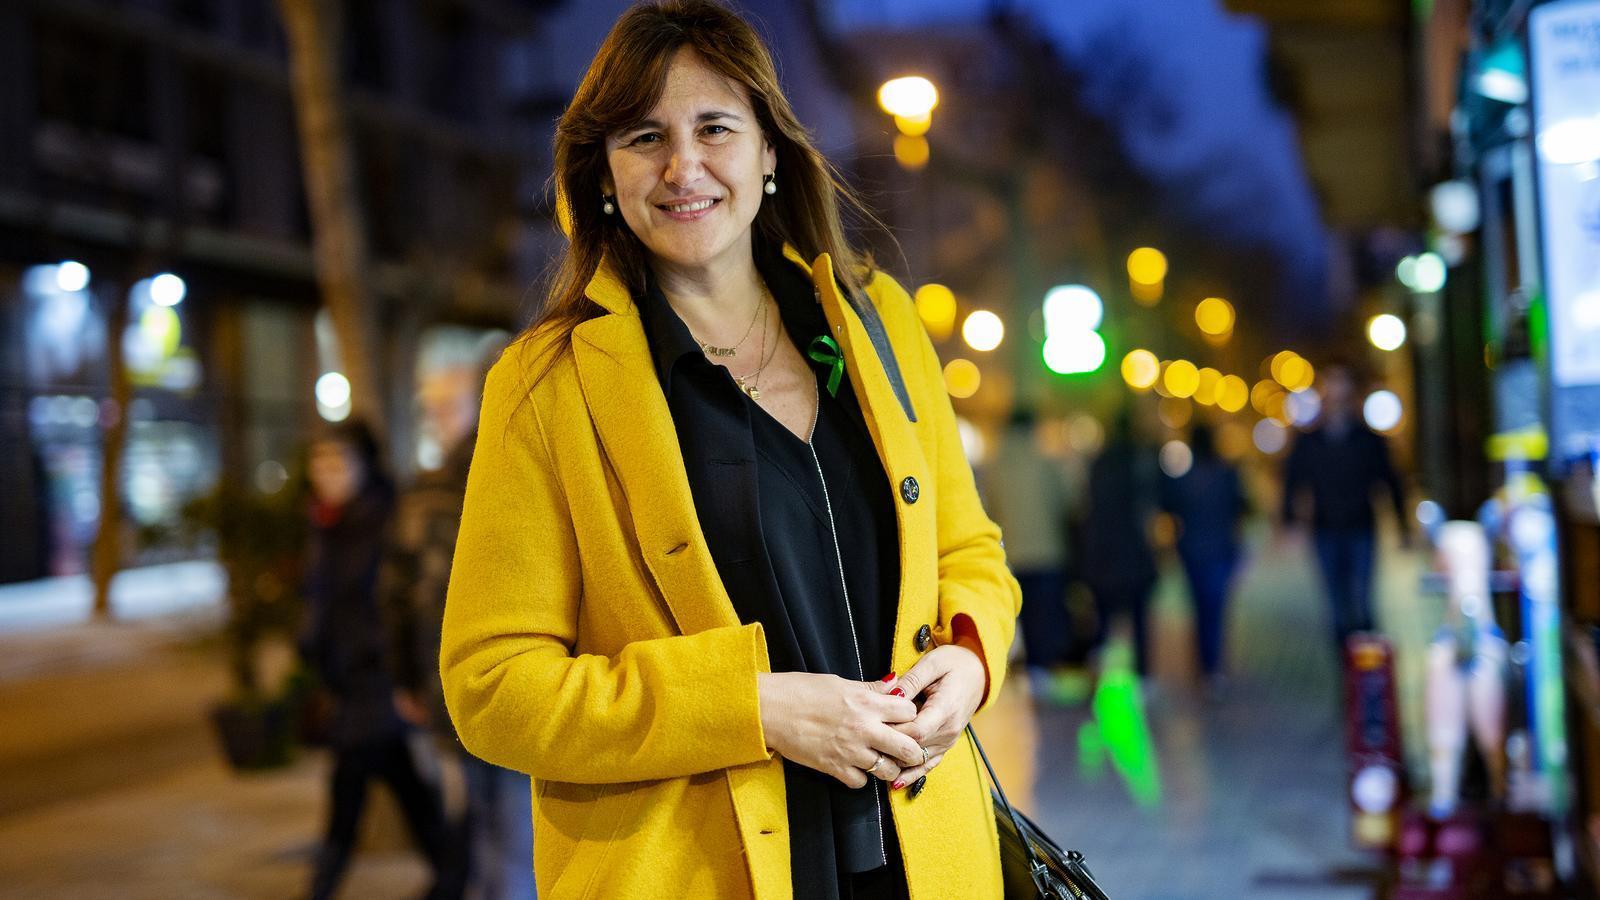 La portaveu al Congrés de Junts per Catalunya, Laura Borràs